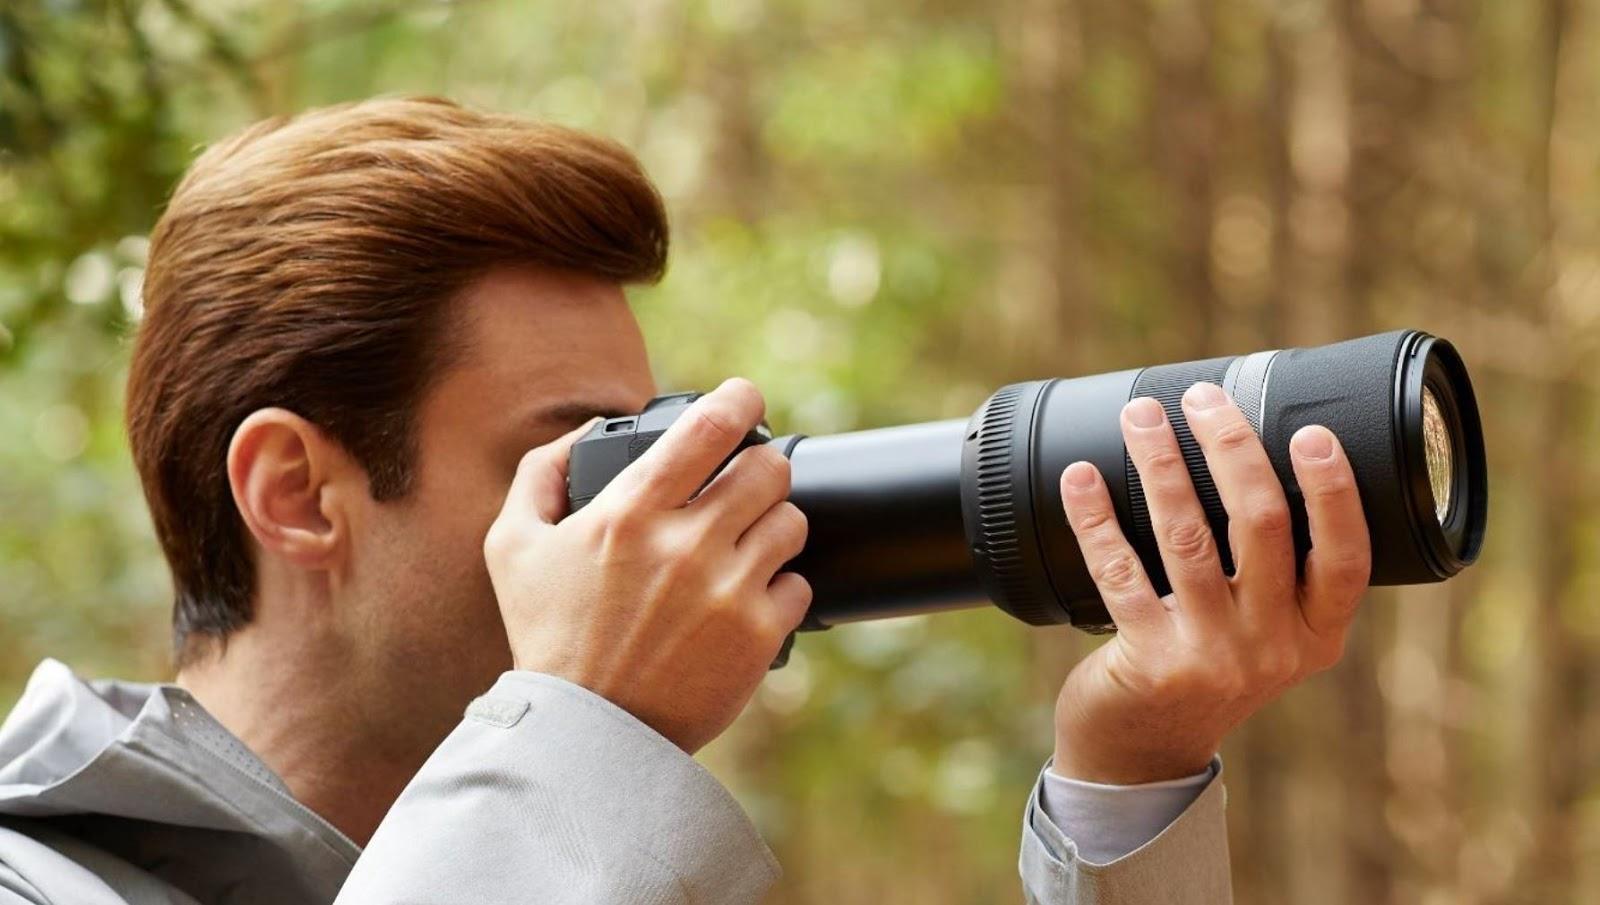 Фотограф в камерой в руках